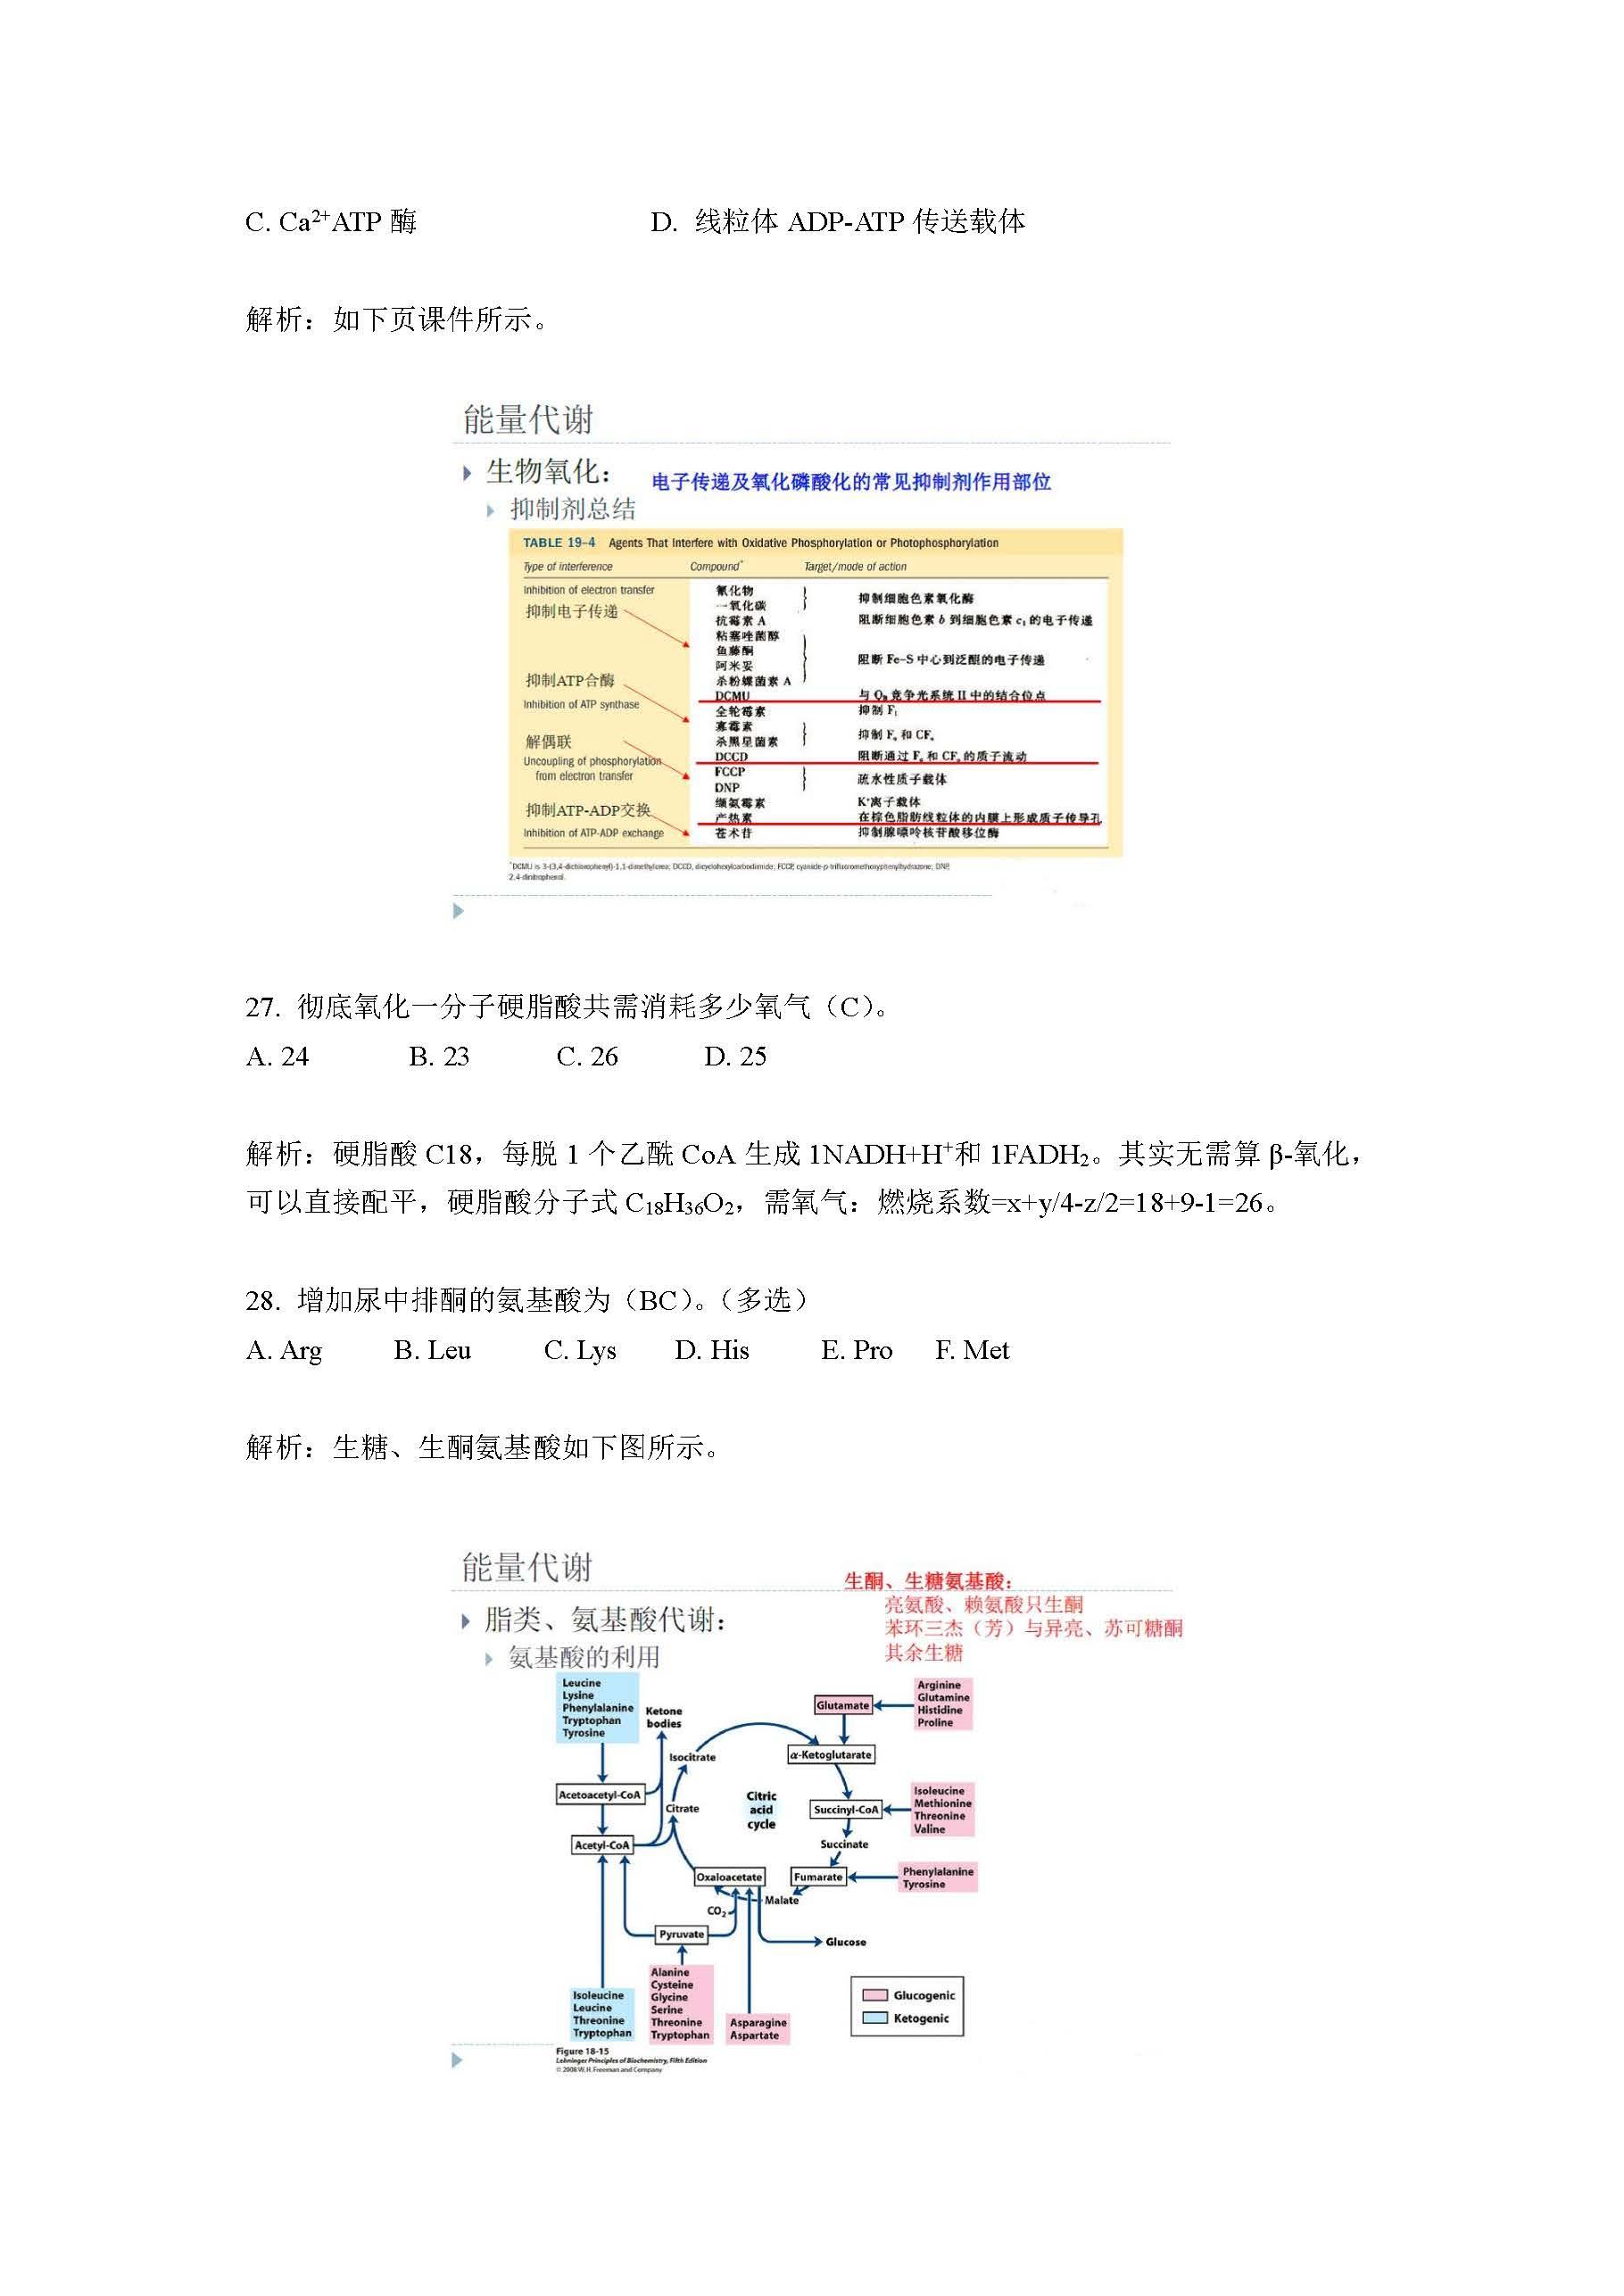 05 2015清华金秋营笔试模拟题答案简析_页面_11